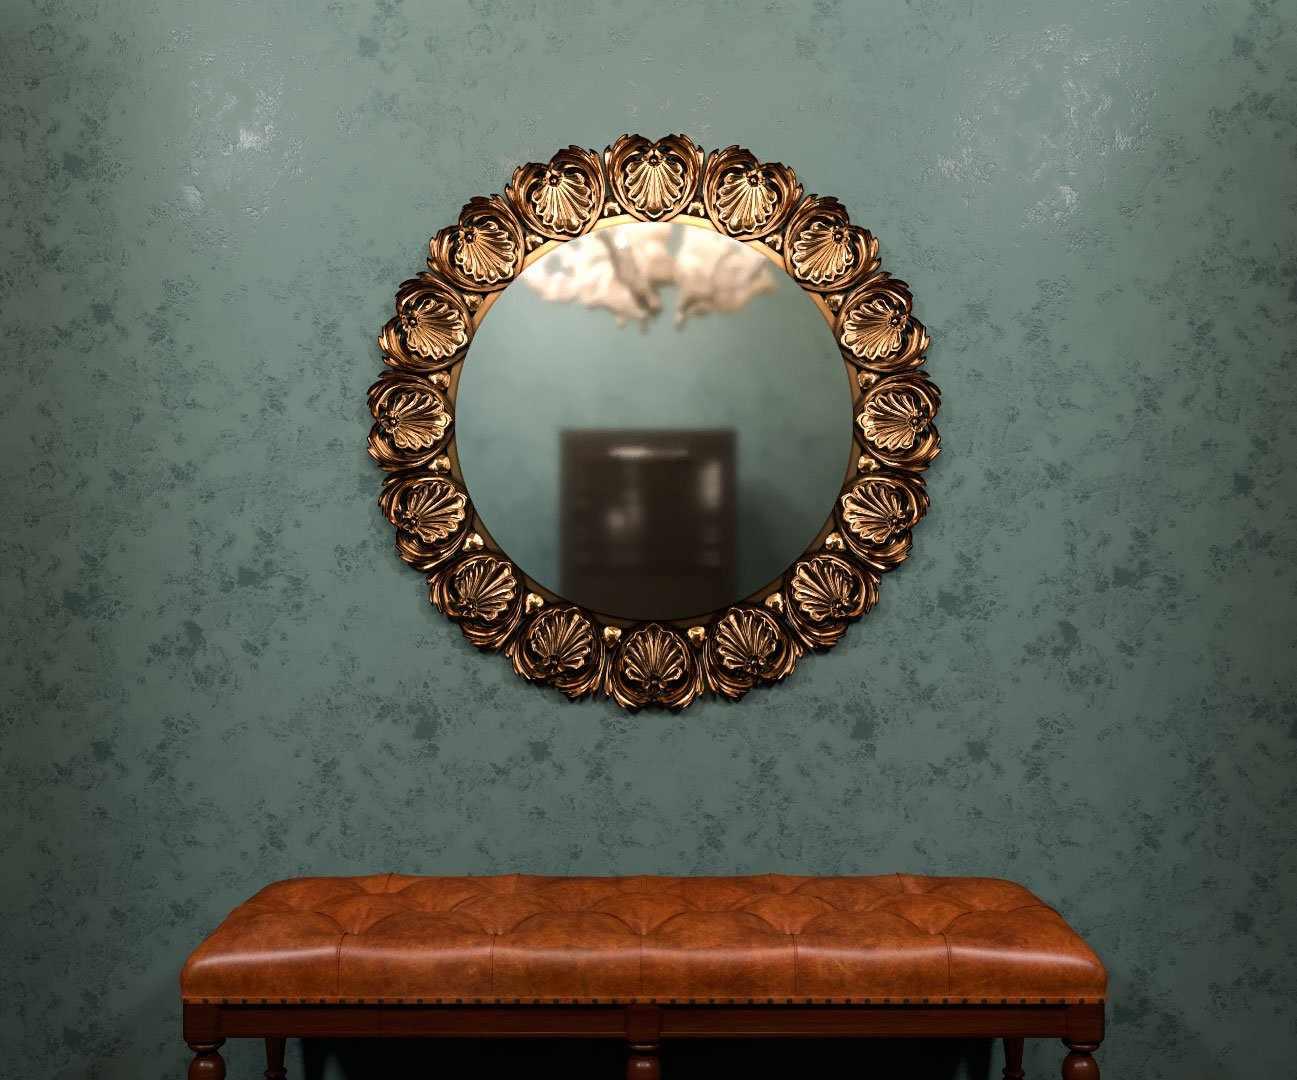 Золотая рама для зеркала в интерьере